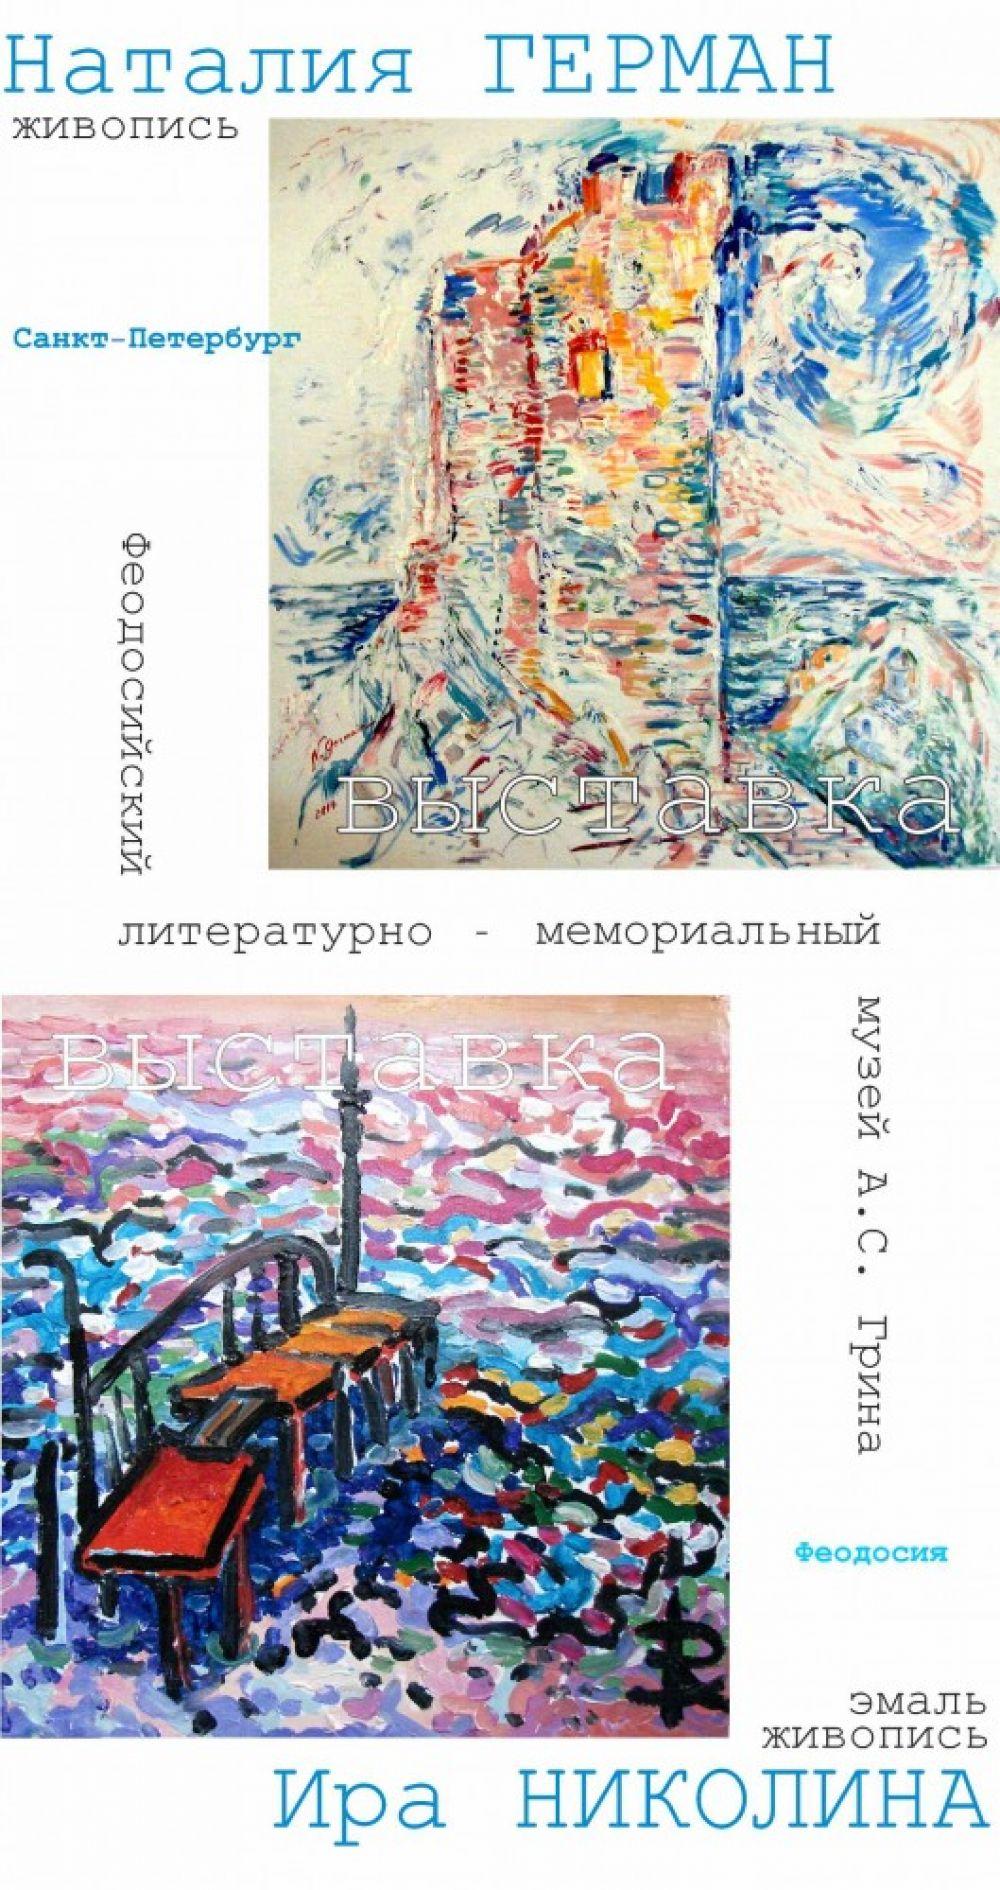 Музей А. Грина приглашает на новую выставку